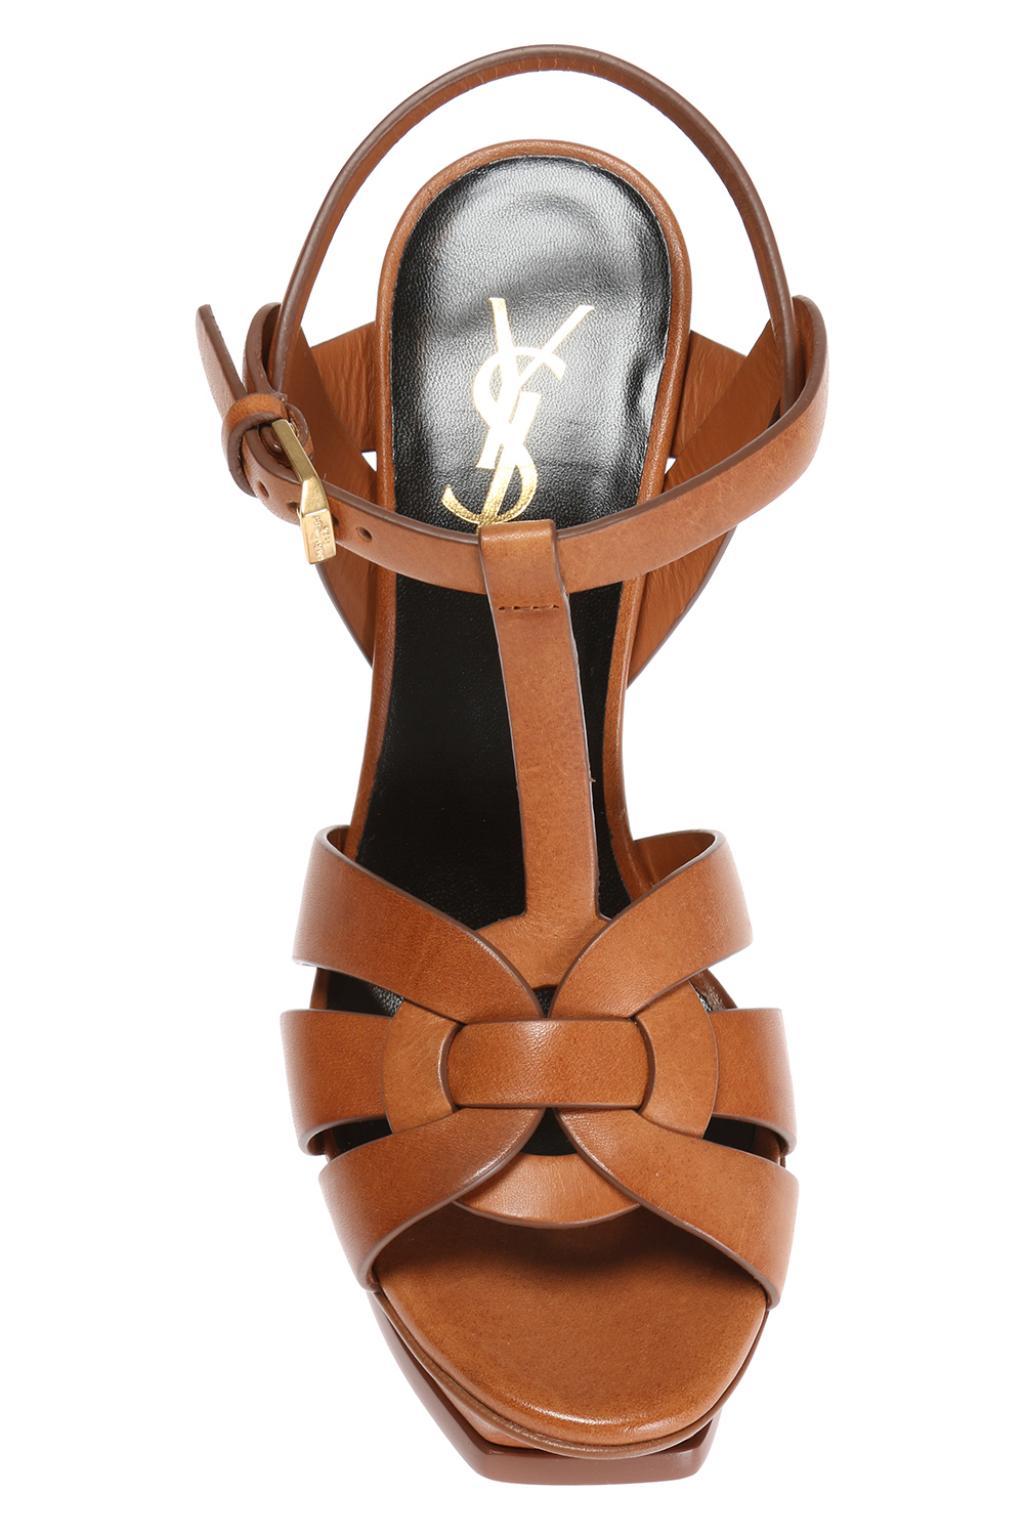 Saint Laurent 'Tribute' platform sandals